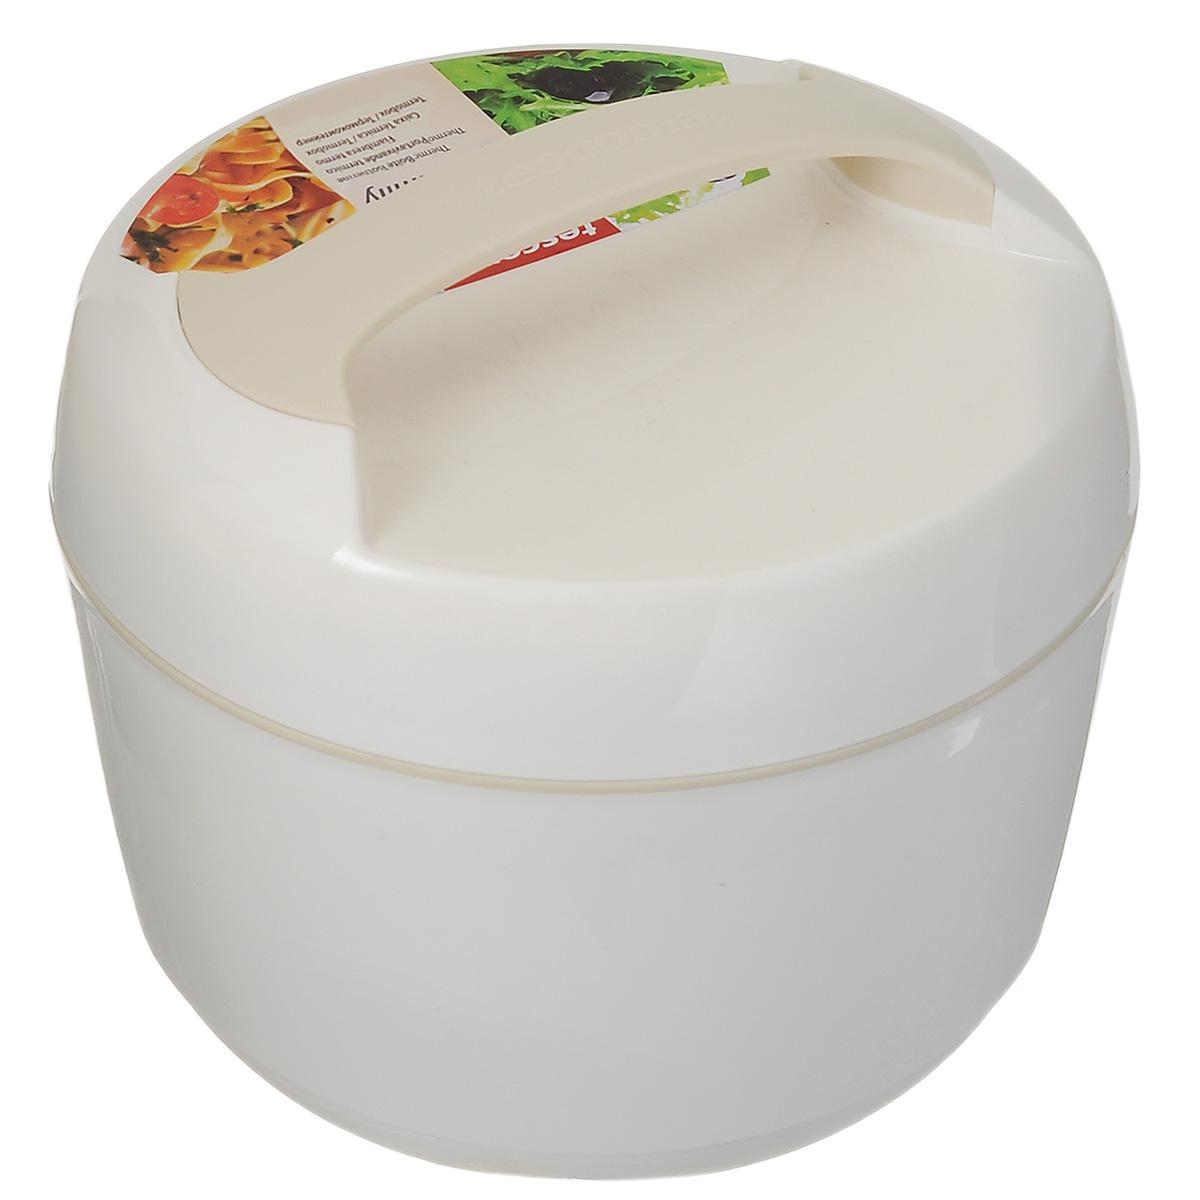 Термоконтейнер Tescoma Family, цвет: белый, 2,5 лVT-1520(SR)Термоконтейнер Tescoma Family изготовлен из высококачественного пищевого пластика. Прекрасно подходит для длительного хранения и переноски теплой и холодной пищи. Двойные стенки контейнера с высокоэффективным теплоизоляционным заполнением сохраняют пищу теплой или холодной в течение нескольких часов. При обычном использовании контейнер не бьющийся. Крышка плотно и удобно закручивается. Для комфортной переноски предусмотрена ручка. В комплекте имеется специальная емкость объемом 1 л для отдельного хранения закусок, гарнира и т.п. Емкость удобно помещается внутрь контейнера. Контейнер нельзя мыть в посудомоечной машине, пластиковая емкость с крышкой пригодна для мытья в посудомоечной машине. Объем контейнера: 2,5 л. Диаметр контейнера: 22 см. Высота контейнера: 17 см. Объем емкости: 1 л. Диаметр емкости: 19 см. Высота стенки емкости: 4,5 см.